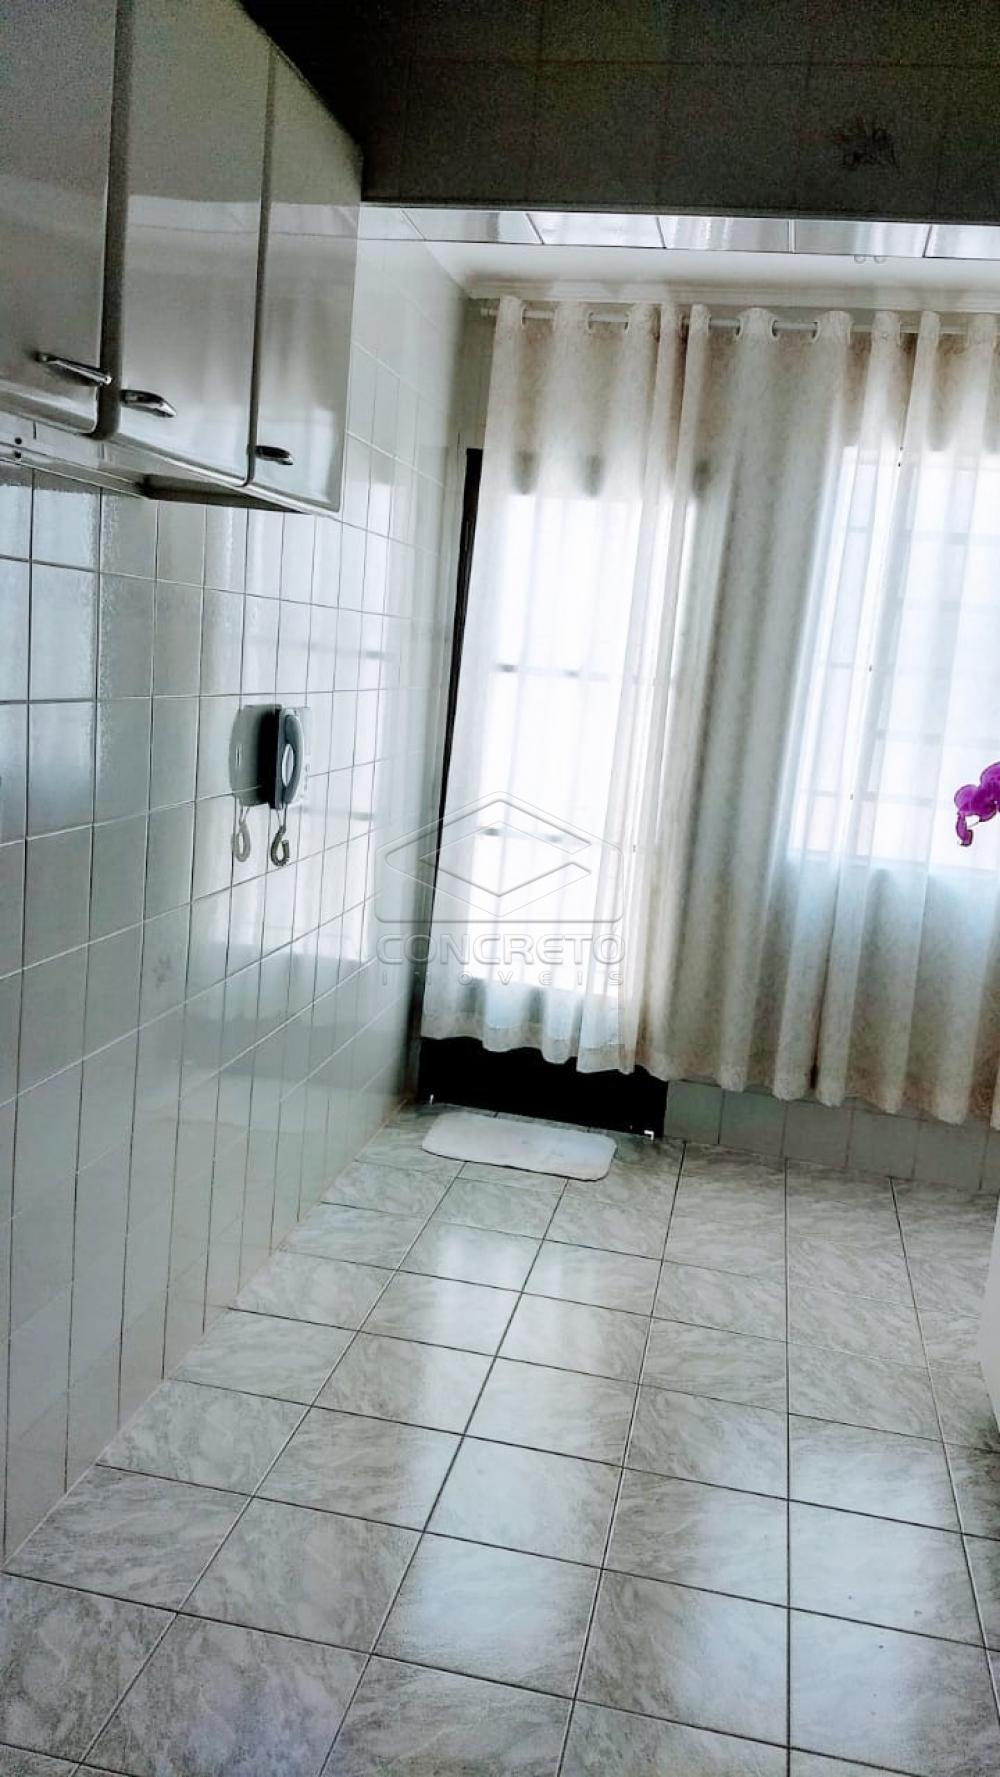 Comprar Casa / Residencia em Jaú apenas R$ 305.000,00 - Foto 16